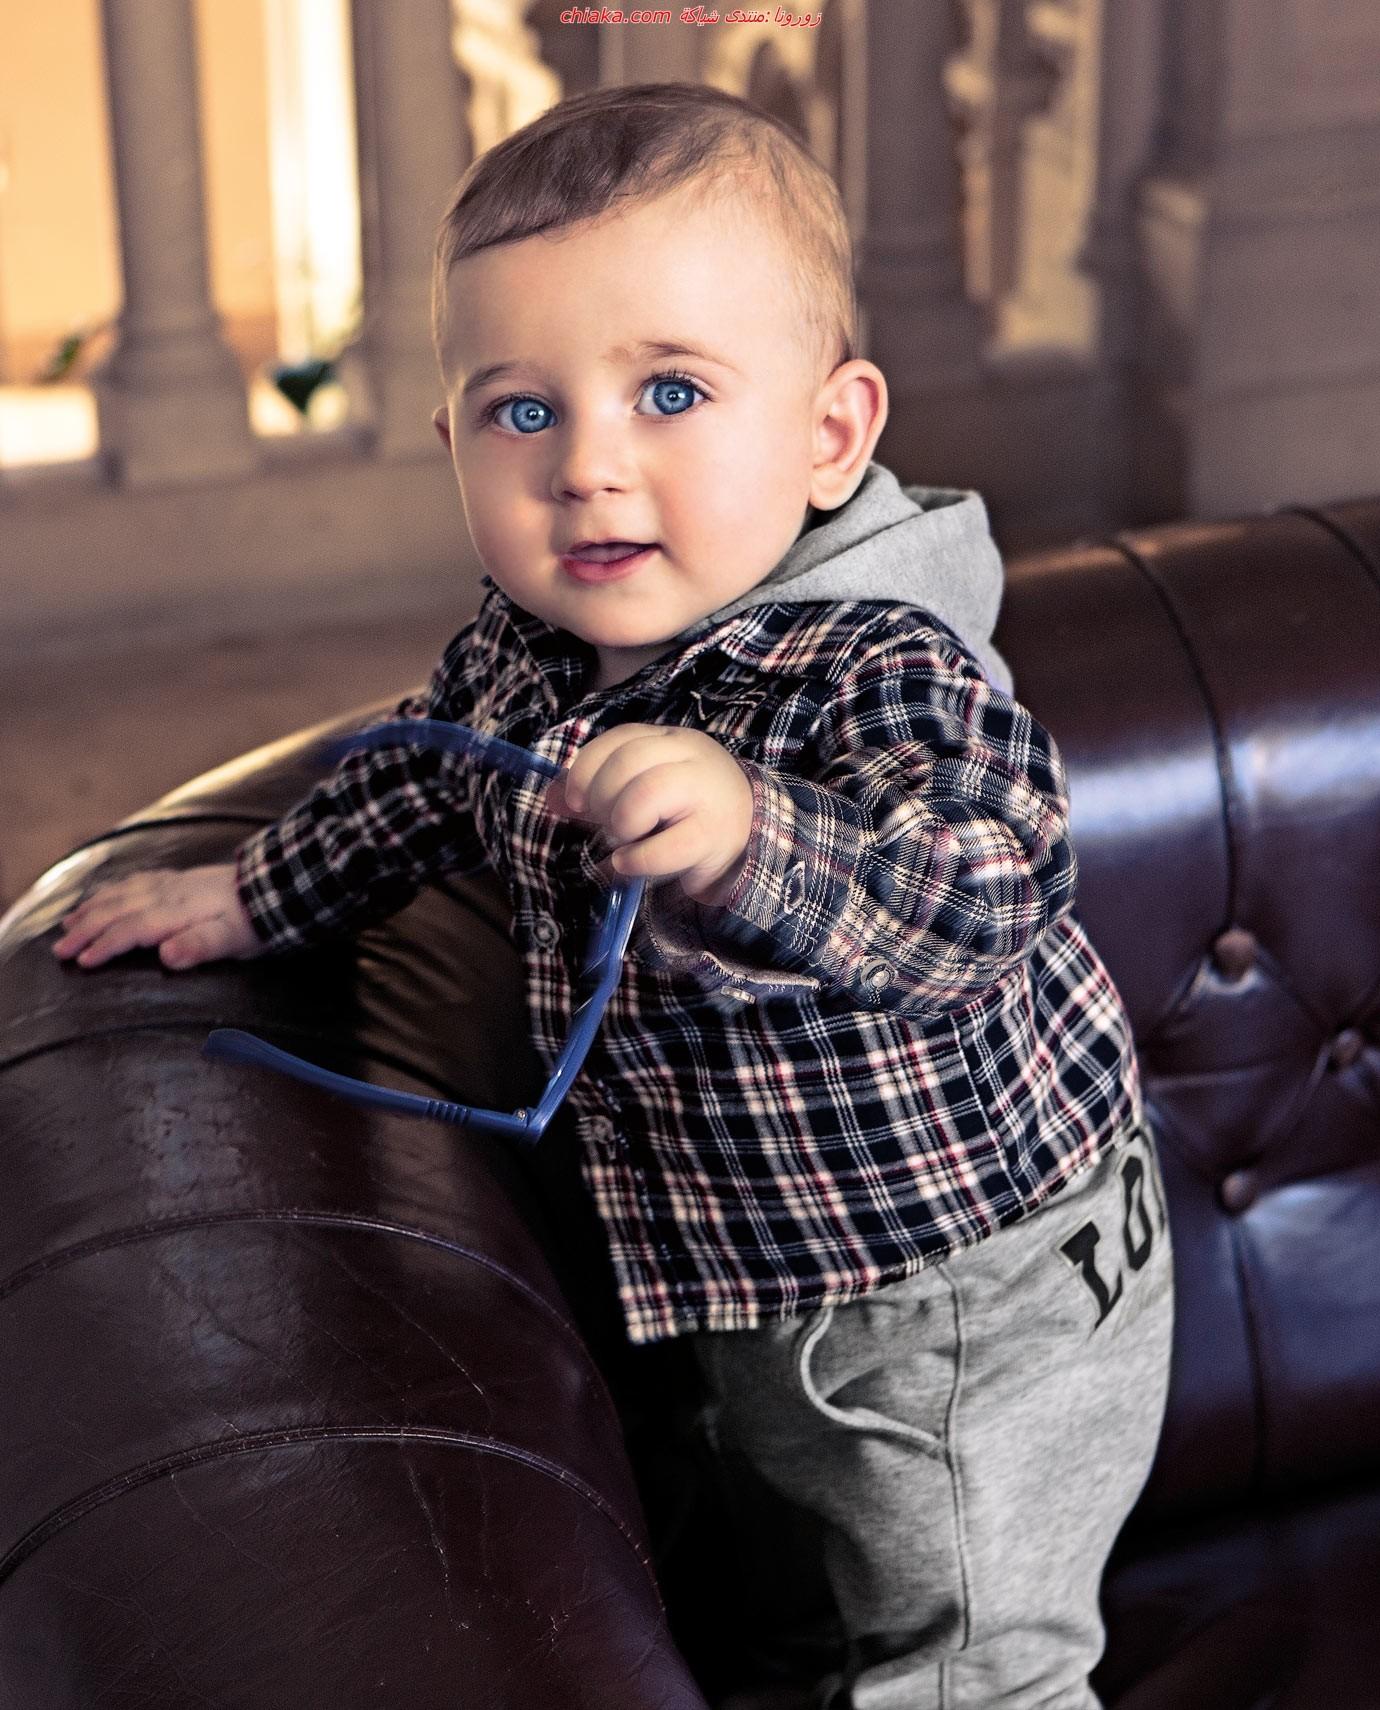 صورة ملابس اطفال اولاد , صور لاحدث واشيك ملابس اطفال 3195 4